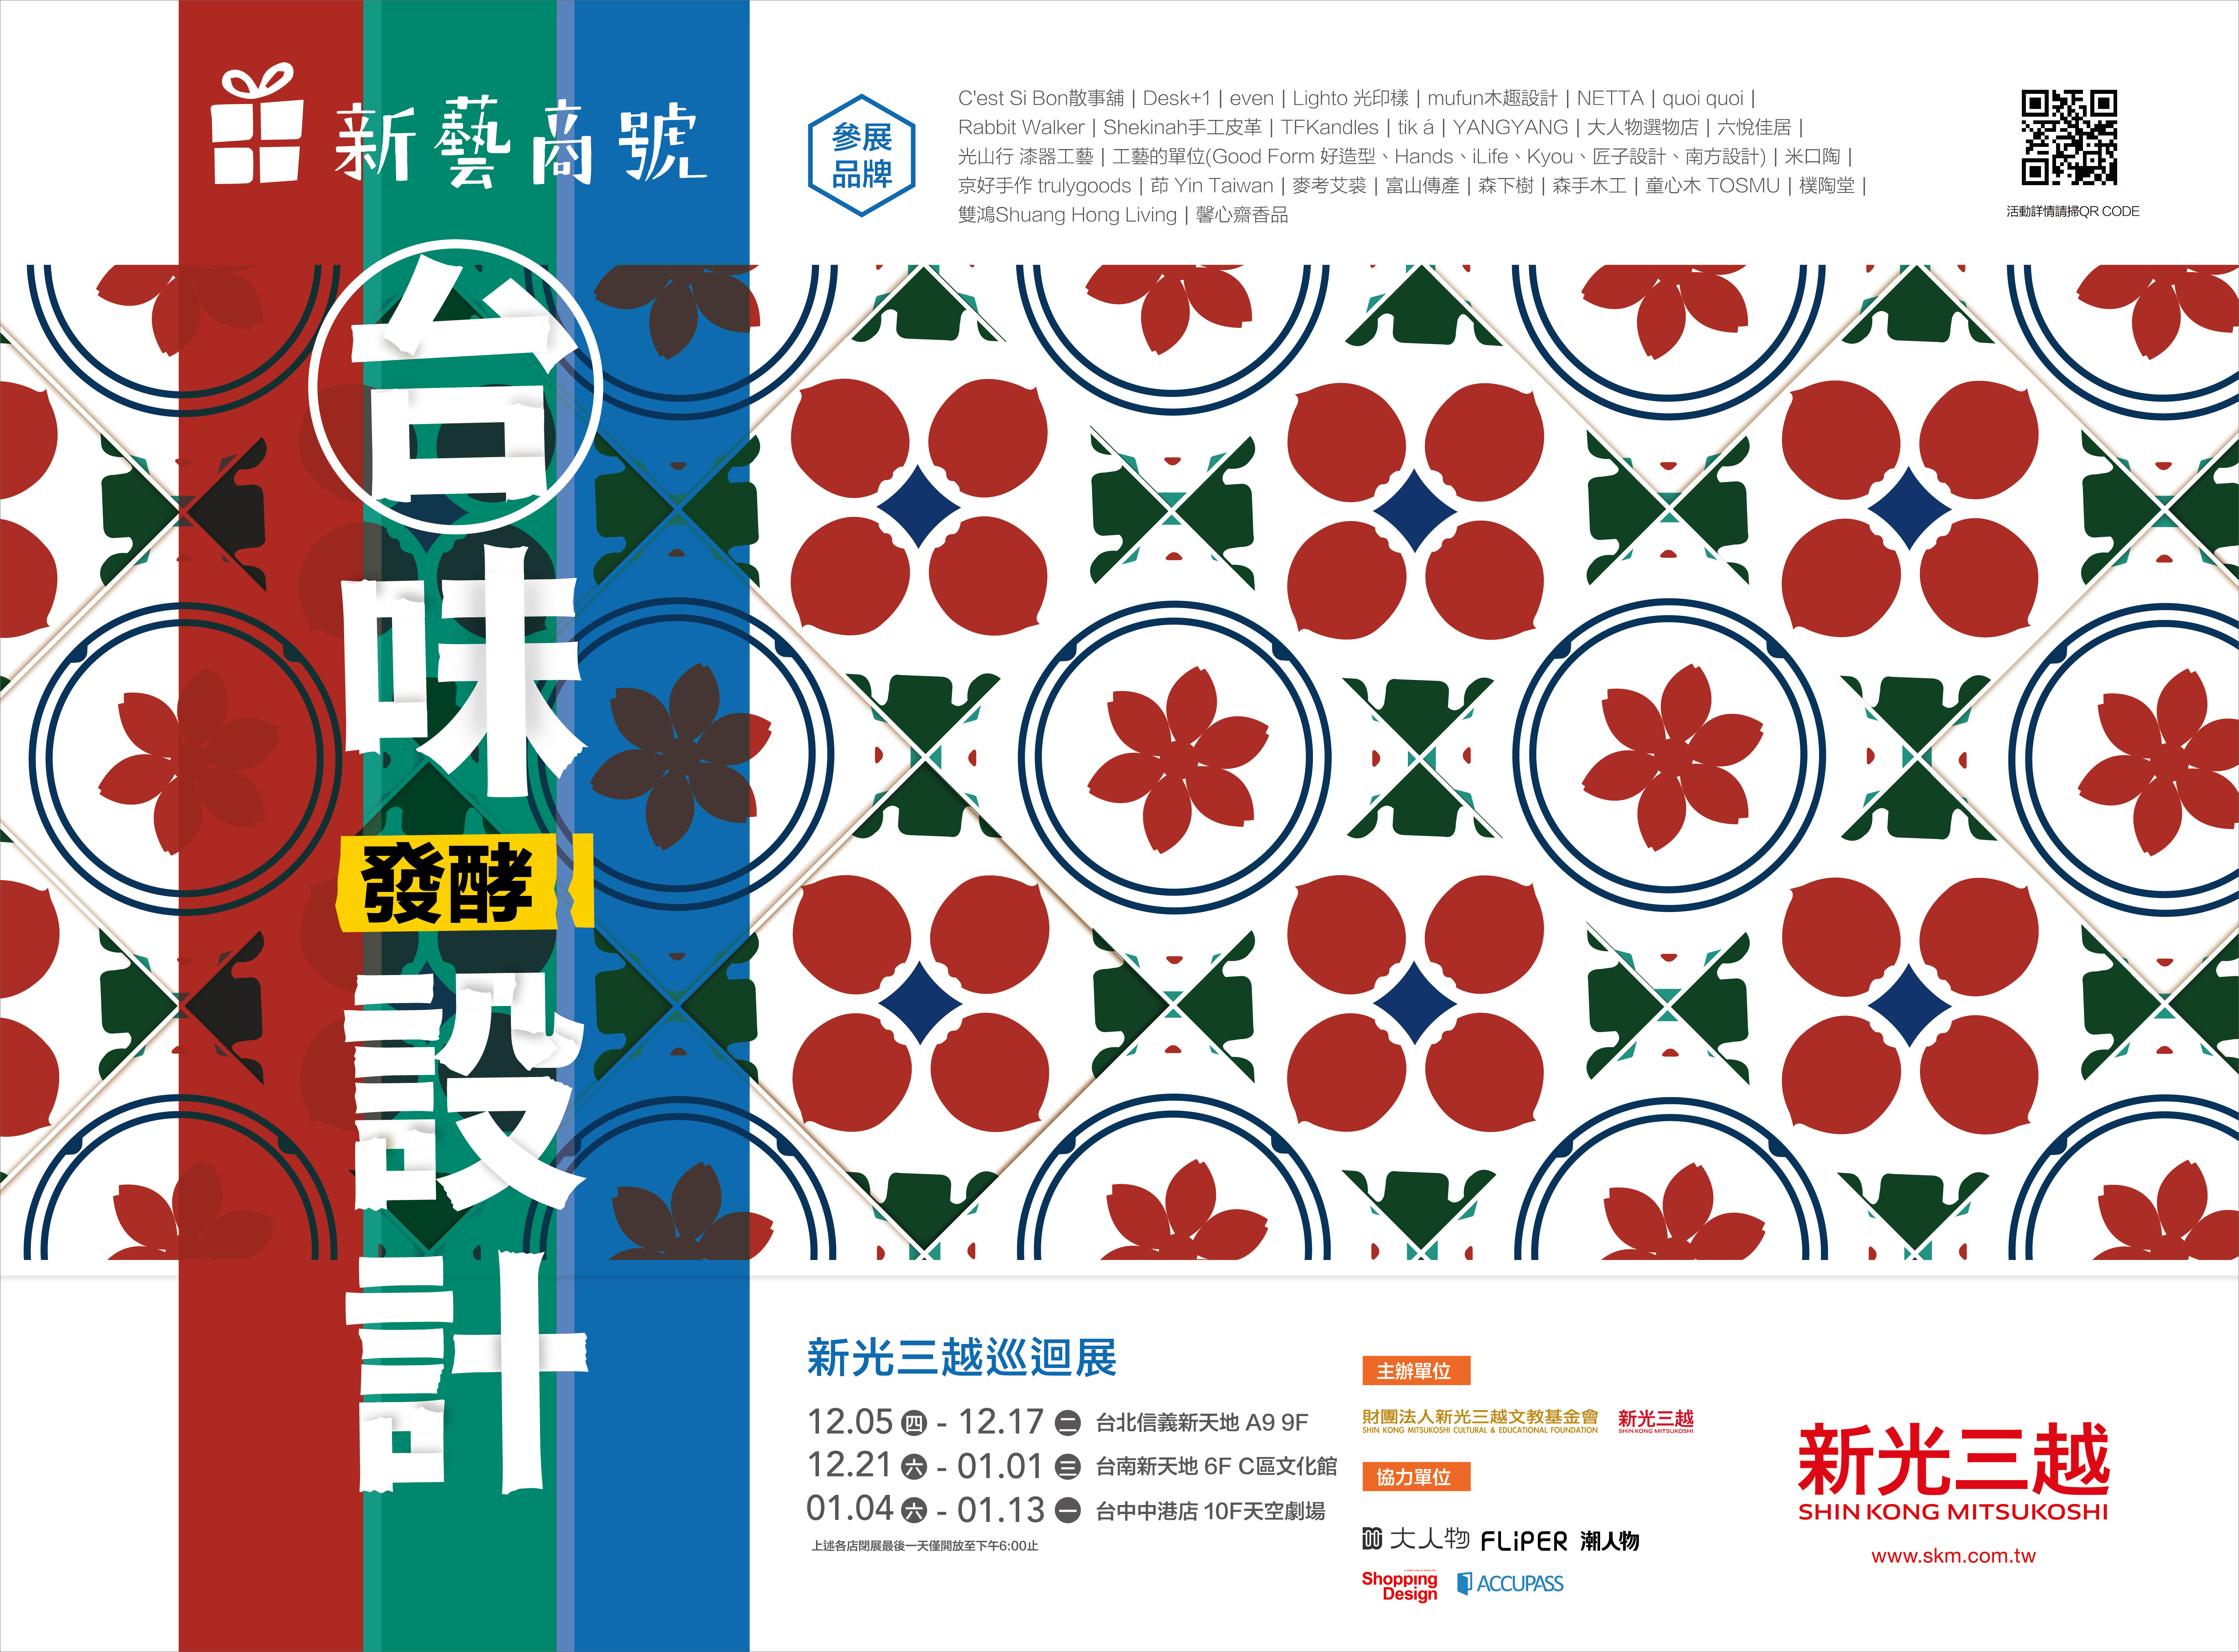 2019 - 台味設計發酵